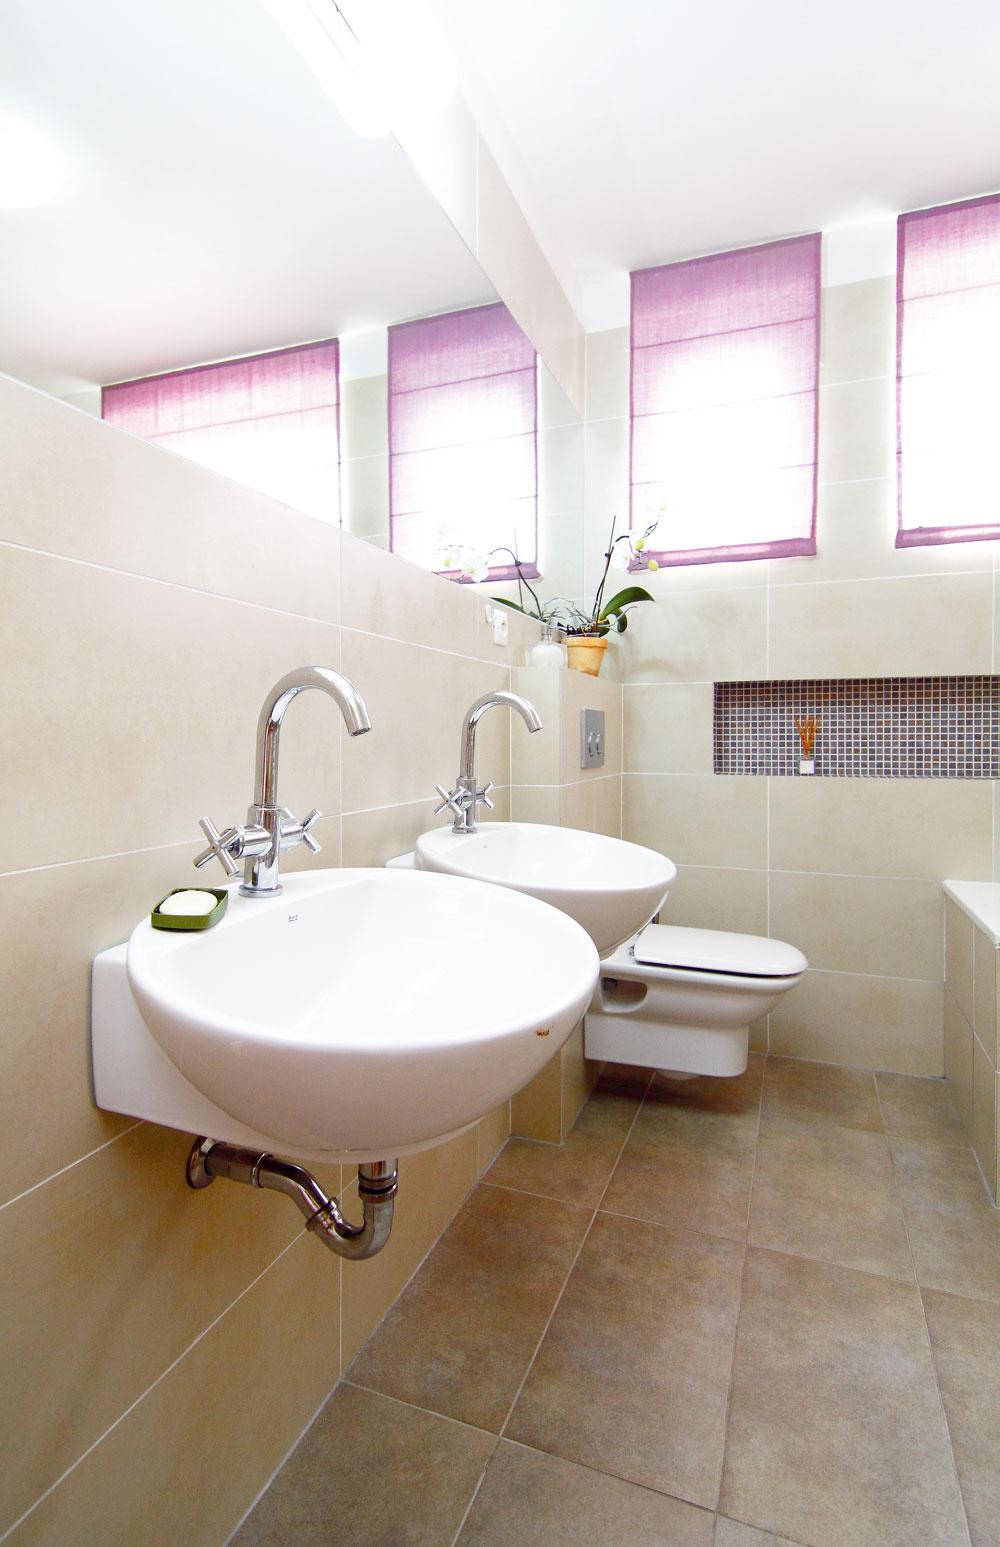 Veľké zrkadlo nad umývadlami siaha na celú šírku miestnosti – od steny po stenu. Jeho úlohou je kúpeľňu opticky zväčšiť apresvetliť.  Pod umývadlami ešte chýba jednoduchá policová zostava. Praktický nábytkový prvok vyrobený na mieru zatiaľ aspoň čiastočne nahrádza regál zIkey.